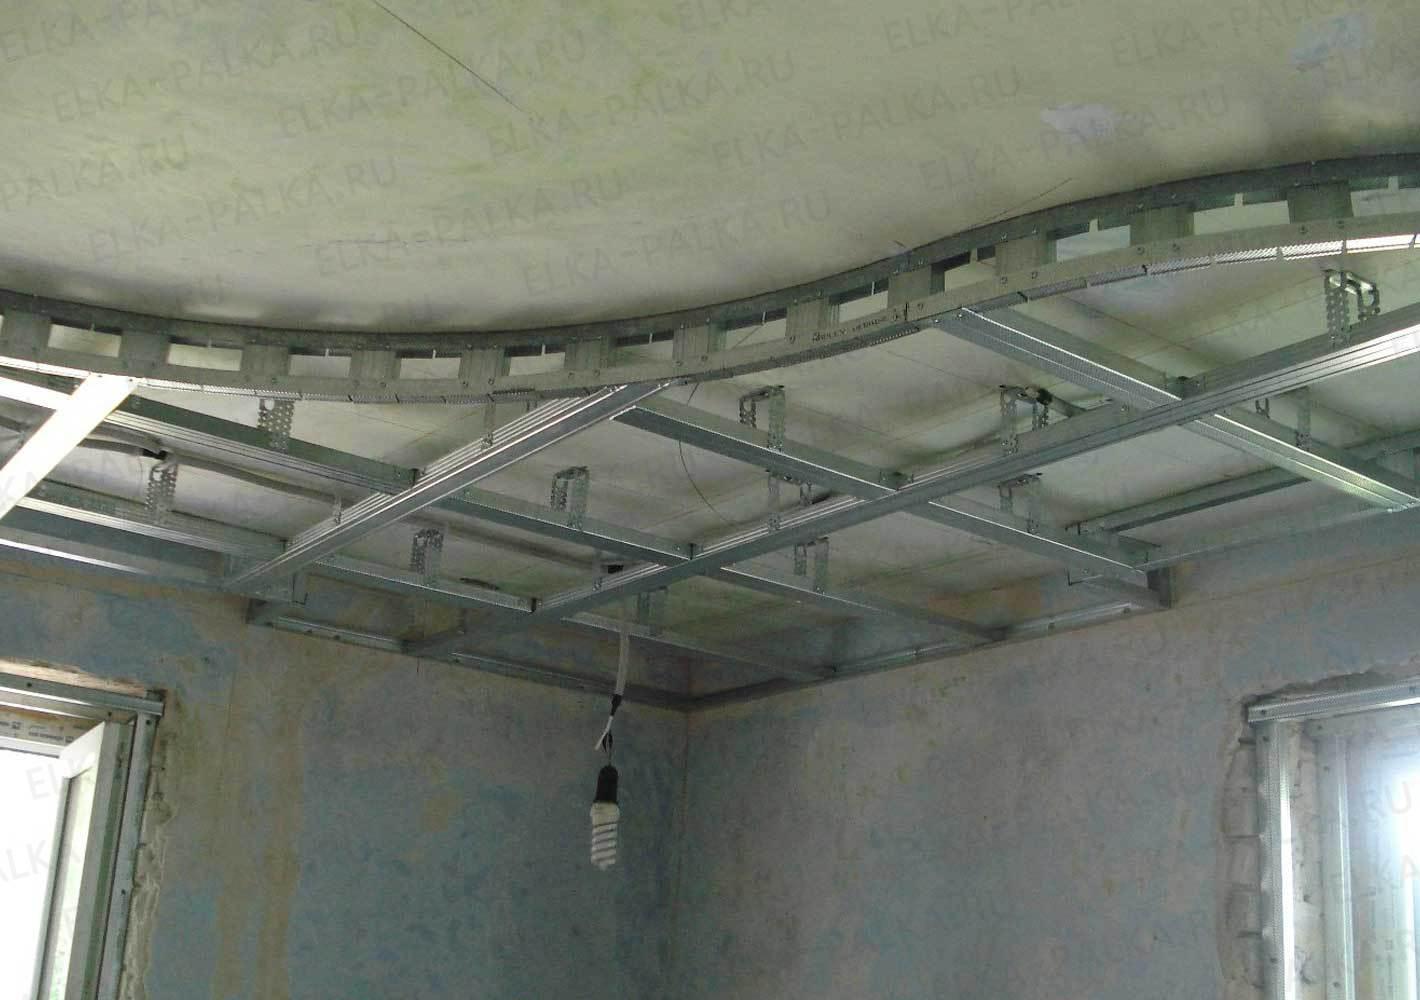 Какой потолок лучше выбрать для дома либо квартиры: натяжной или из гипсокартона